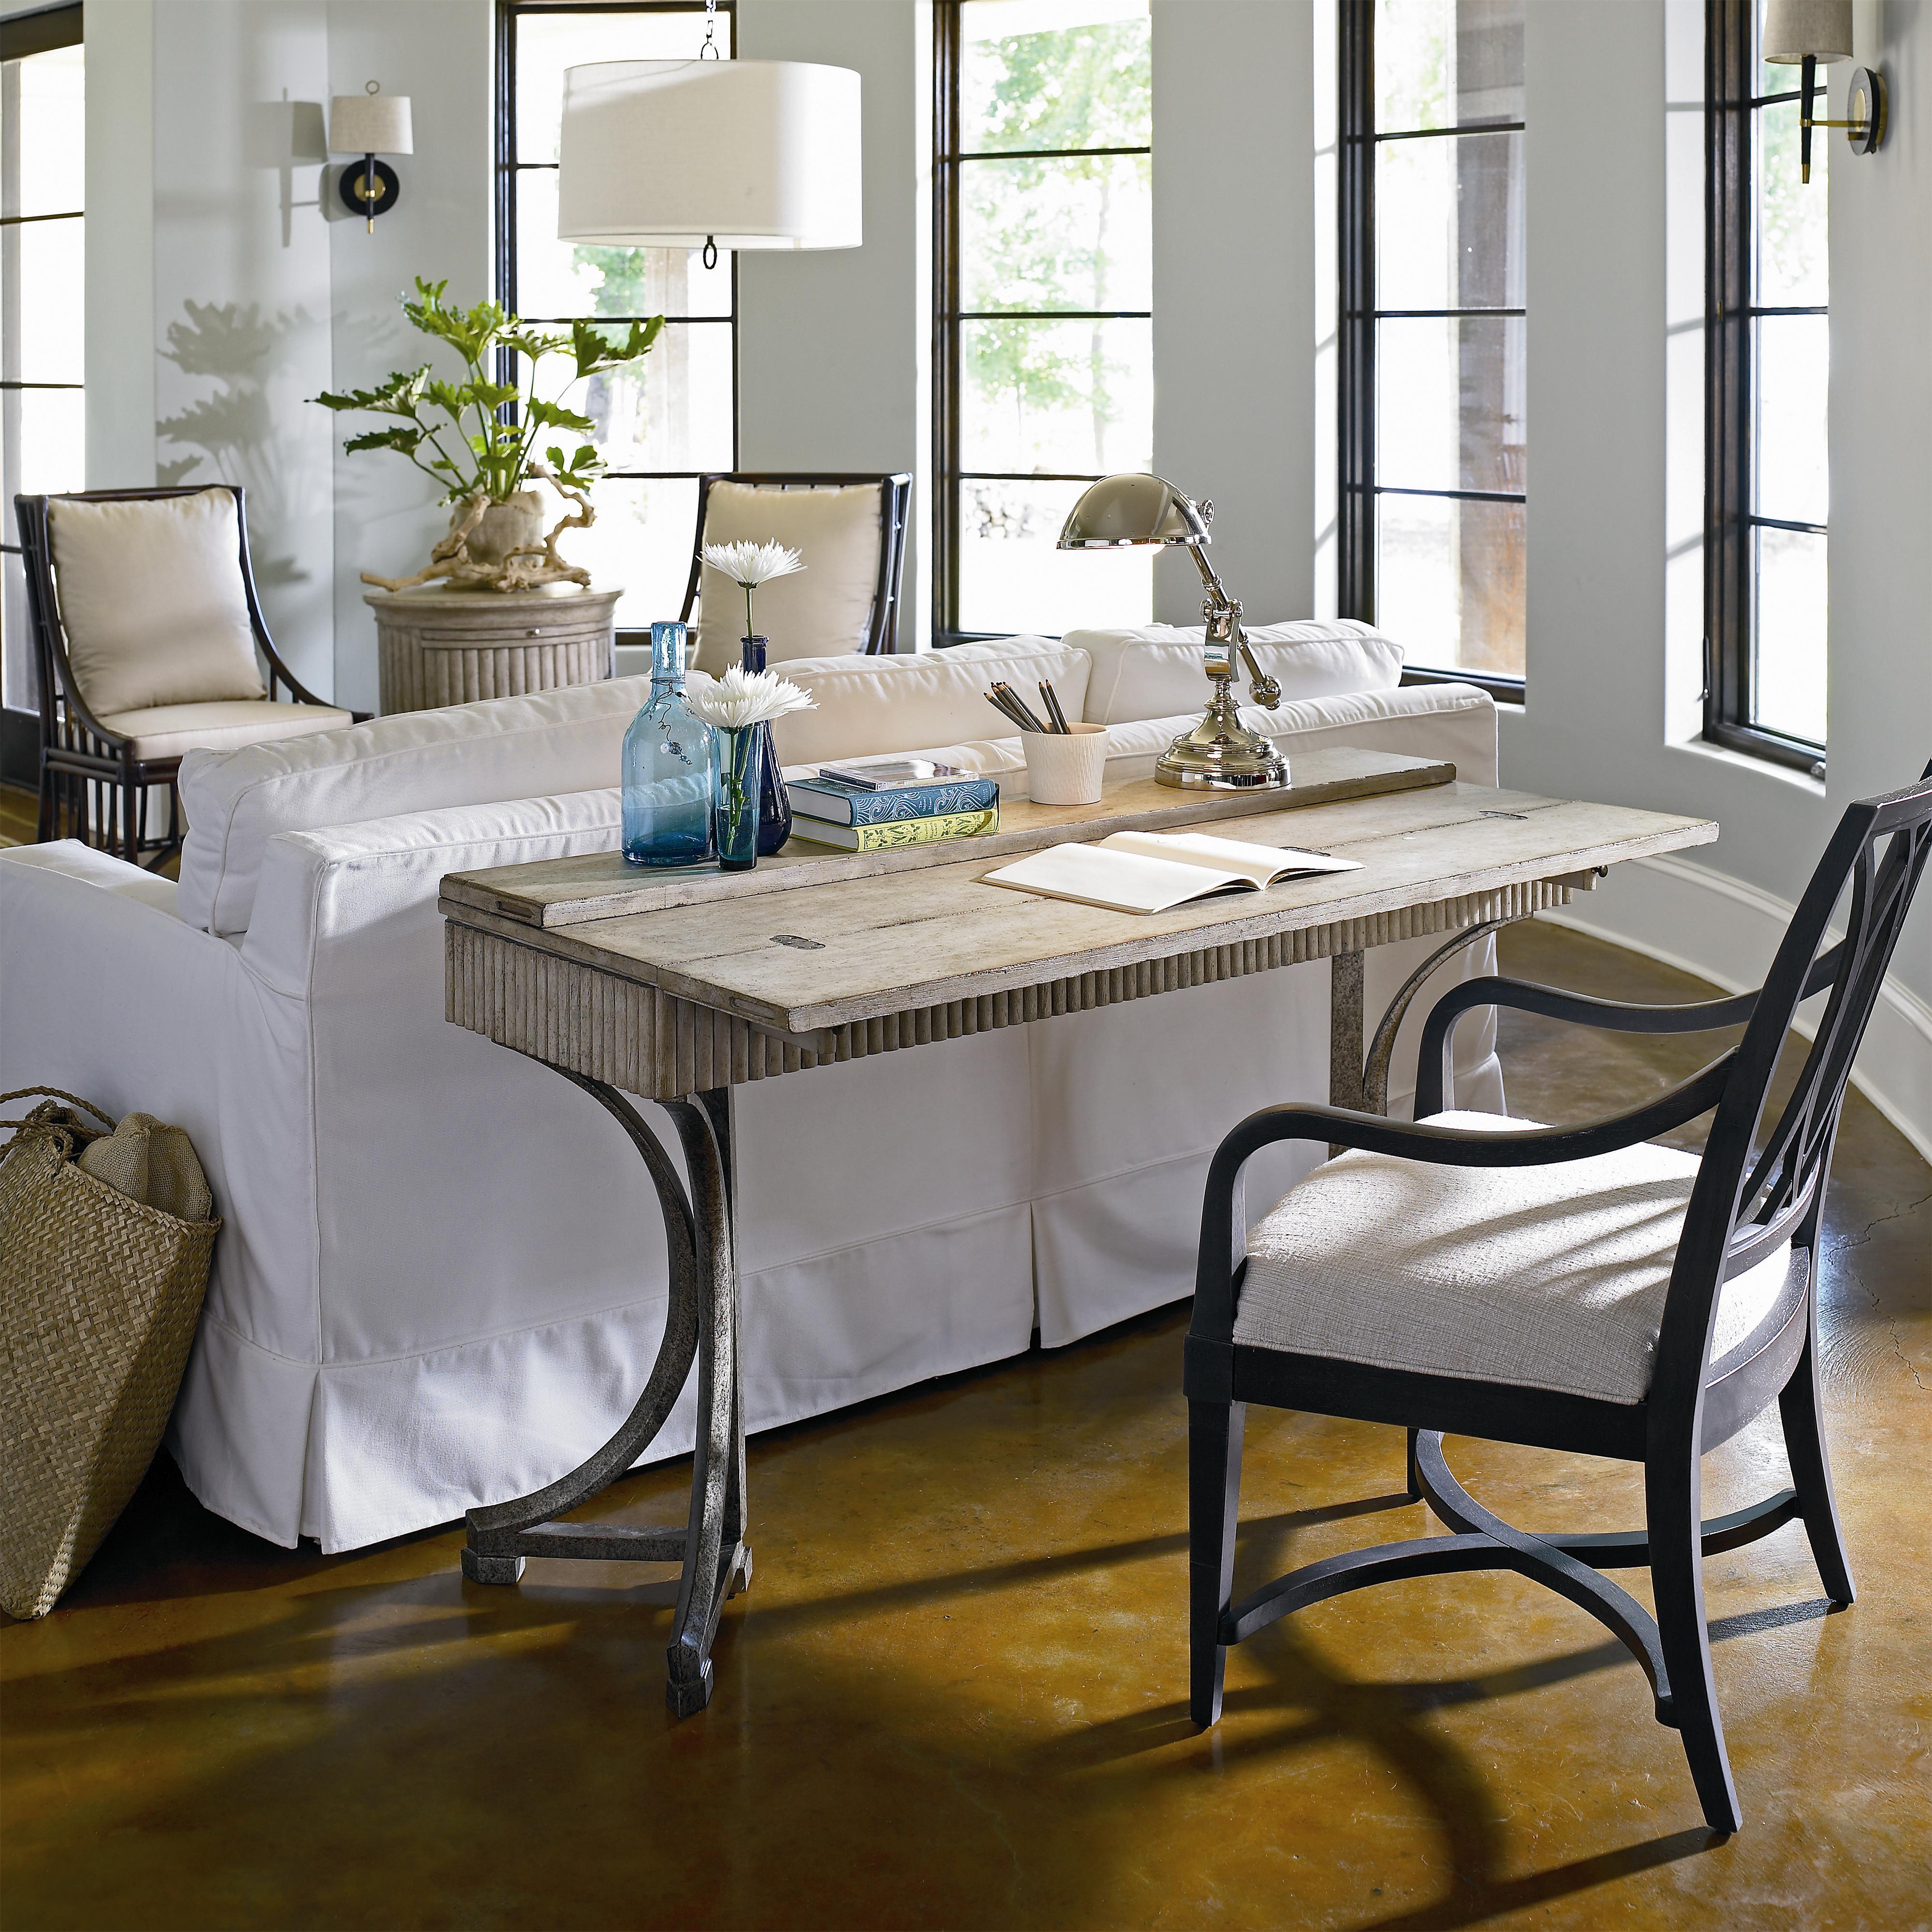 Coastal living furniture - Stanley Furniture Coastal Living Resort Curl Tide Flip Top Table Belfort Furniture Table Desks Writing Desks